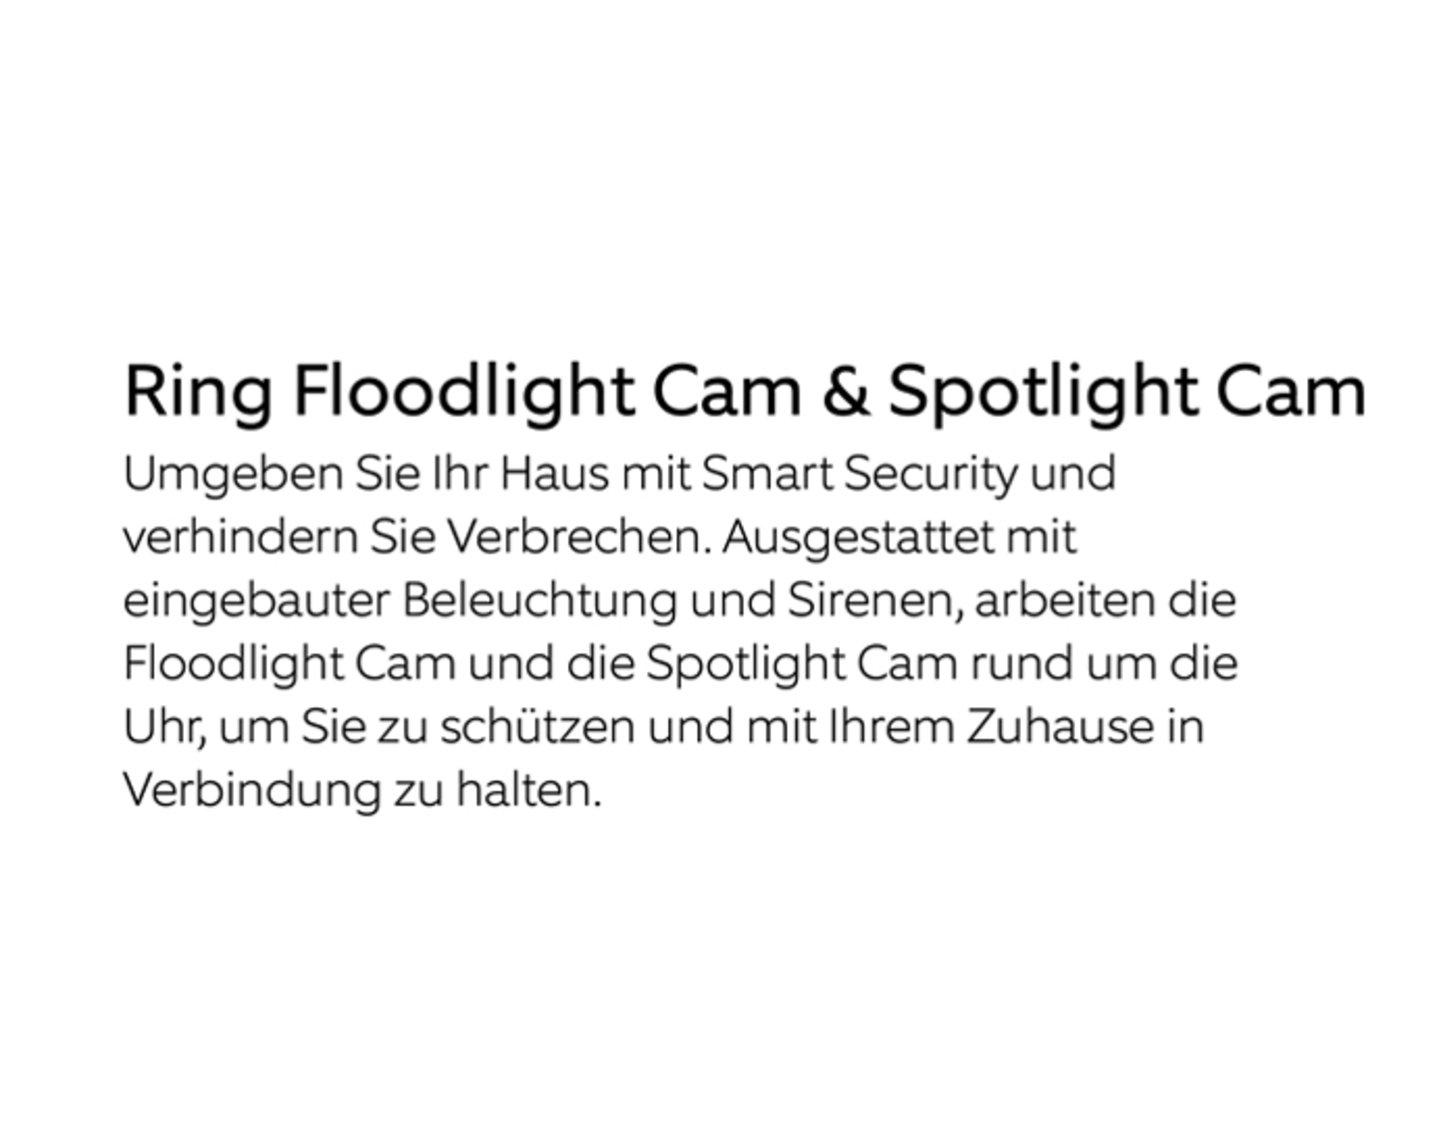 Ring Floodlight Cam & Spotlight Cam